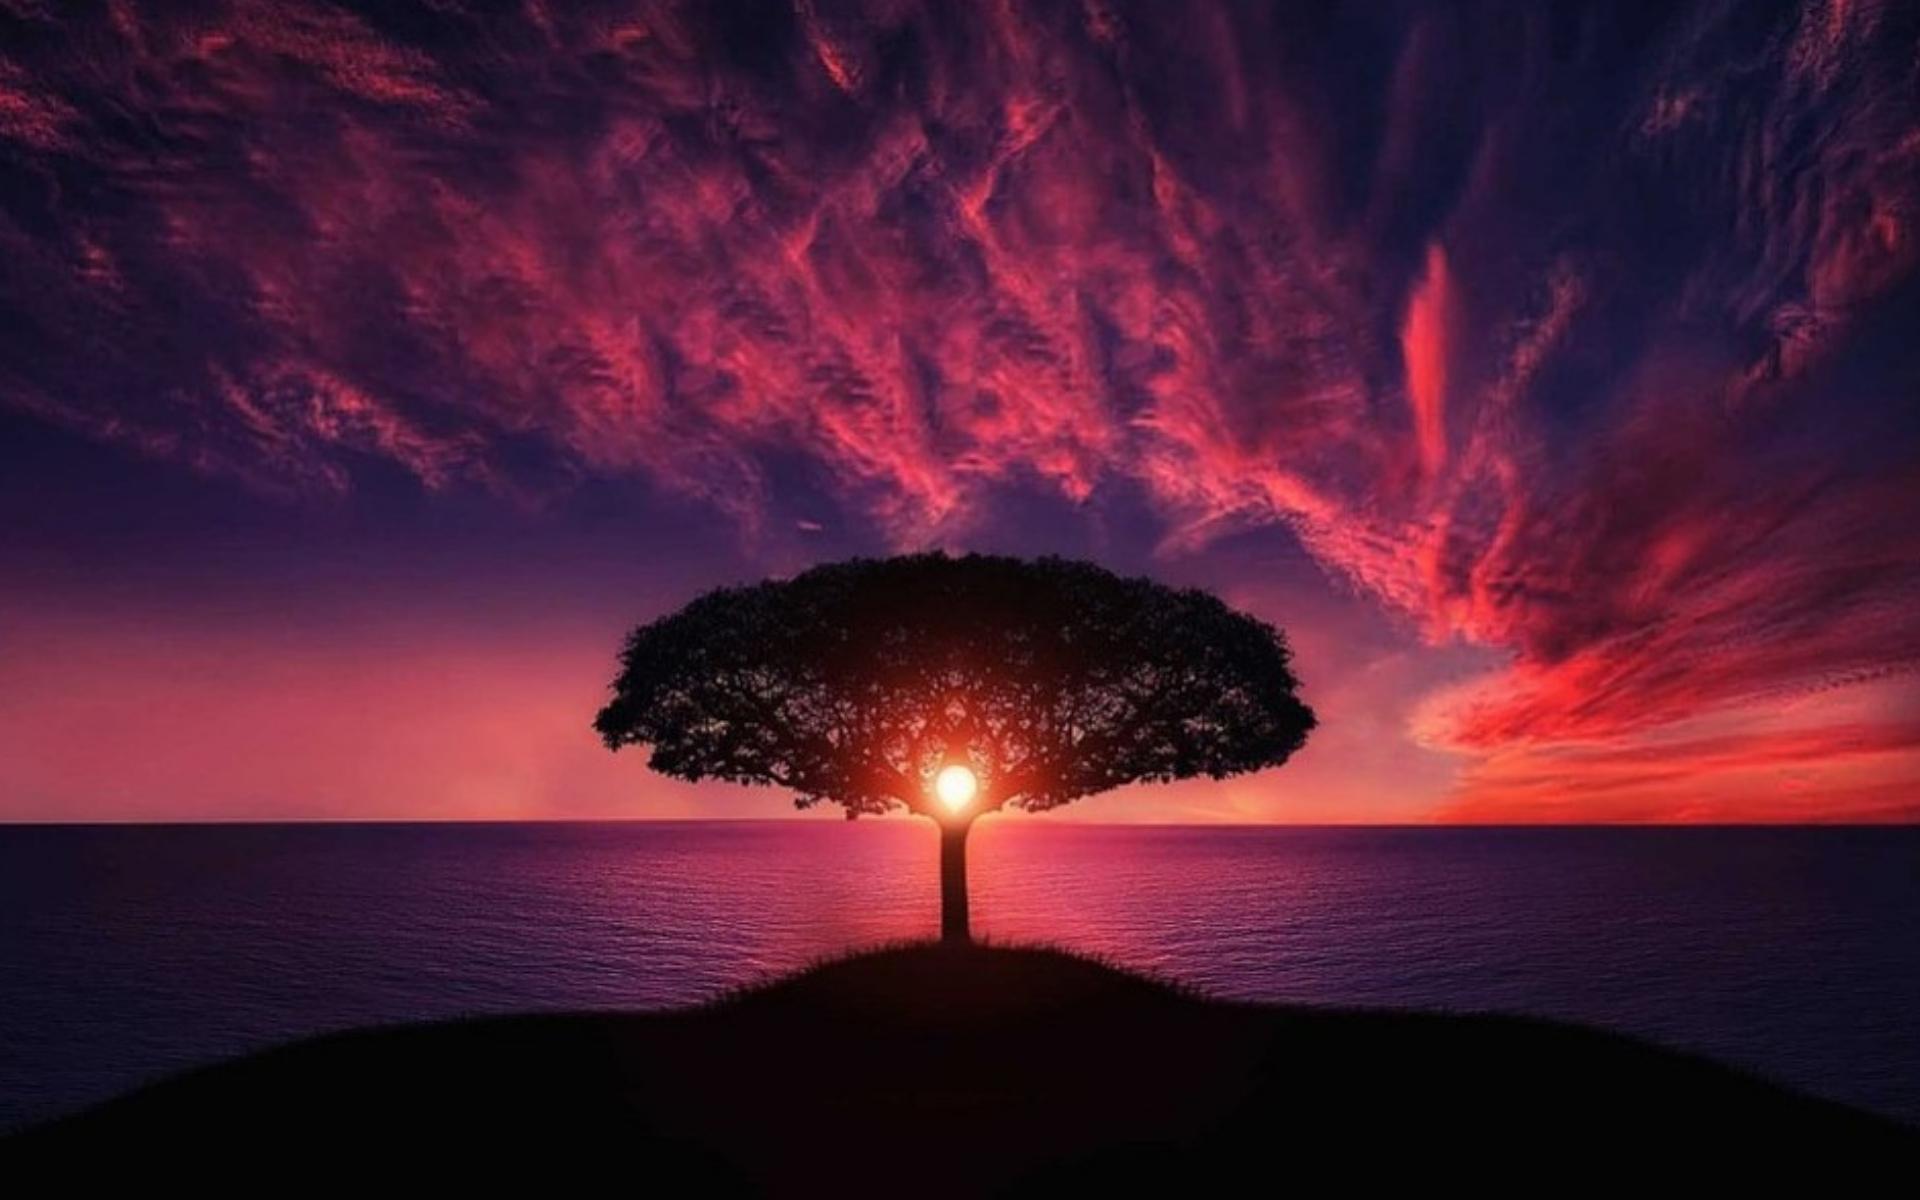 ευη-χατζηγιαννη-ψυχοθεραπεία-θεραπείες Ρέικι-δέντρο Ρέικι